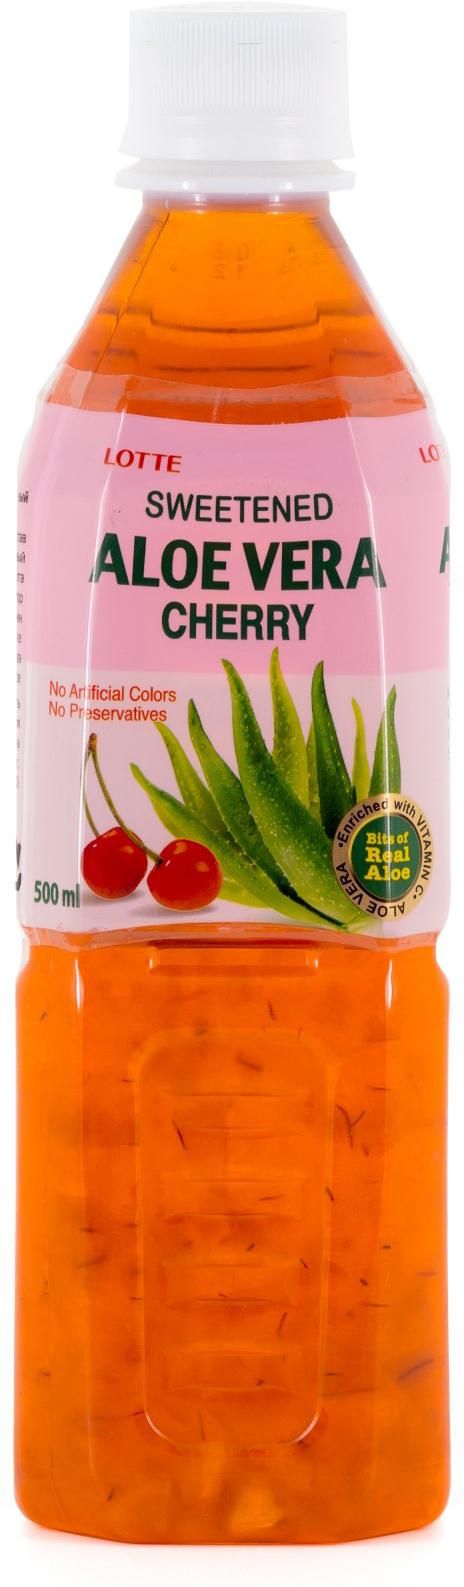 Lotte Aloe Vera напиток безалкогольный негазированный с мякотью алоэ со вкусом Вишни, 500 мл lotte aloe vera напиток безалкогольный негазированный с мякотью алоэ со вкусом вишни 240 мл